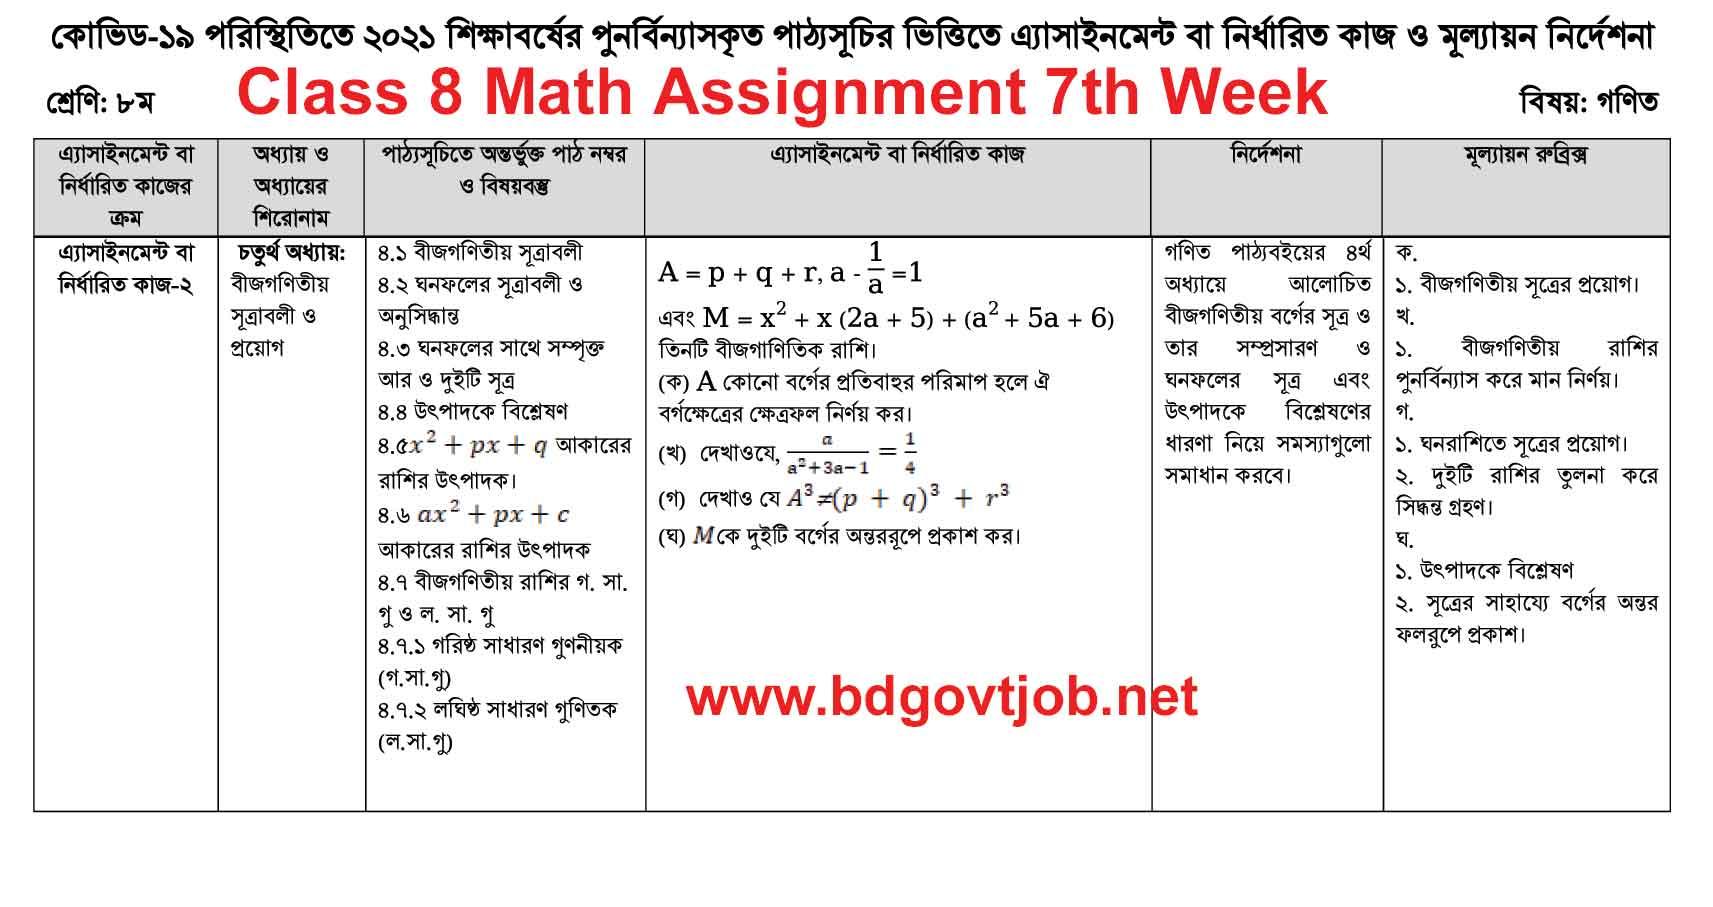 Class 8 Assignment Math 7th week